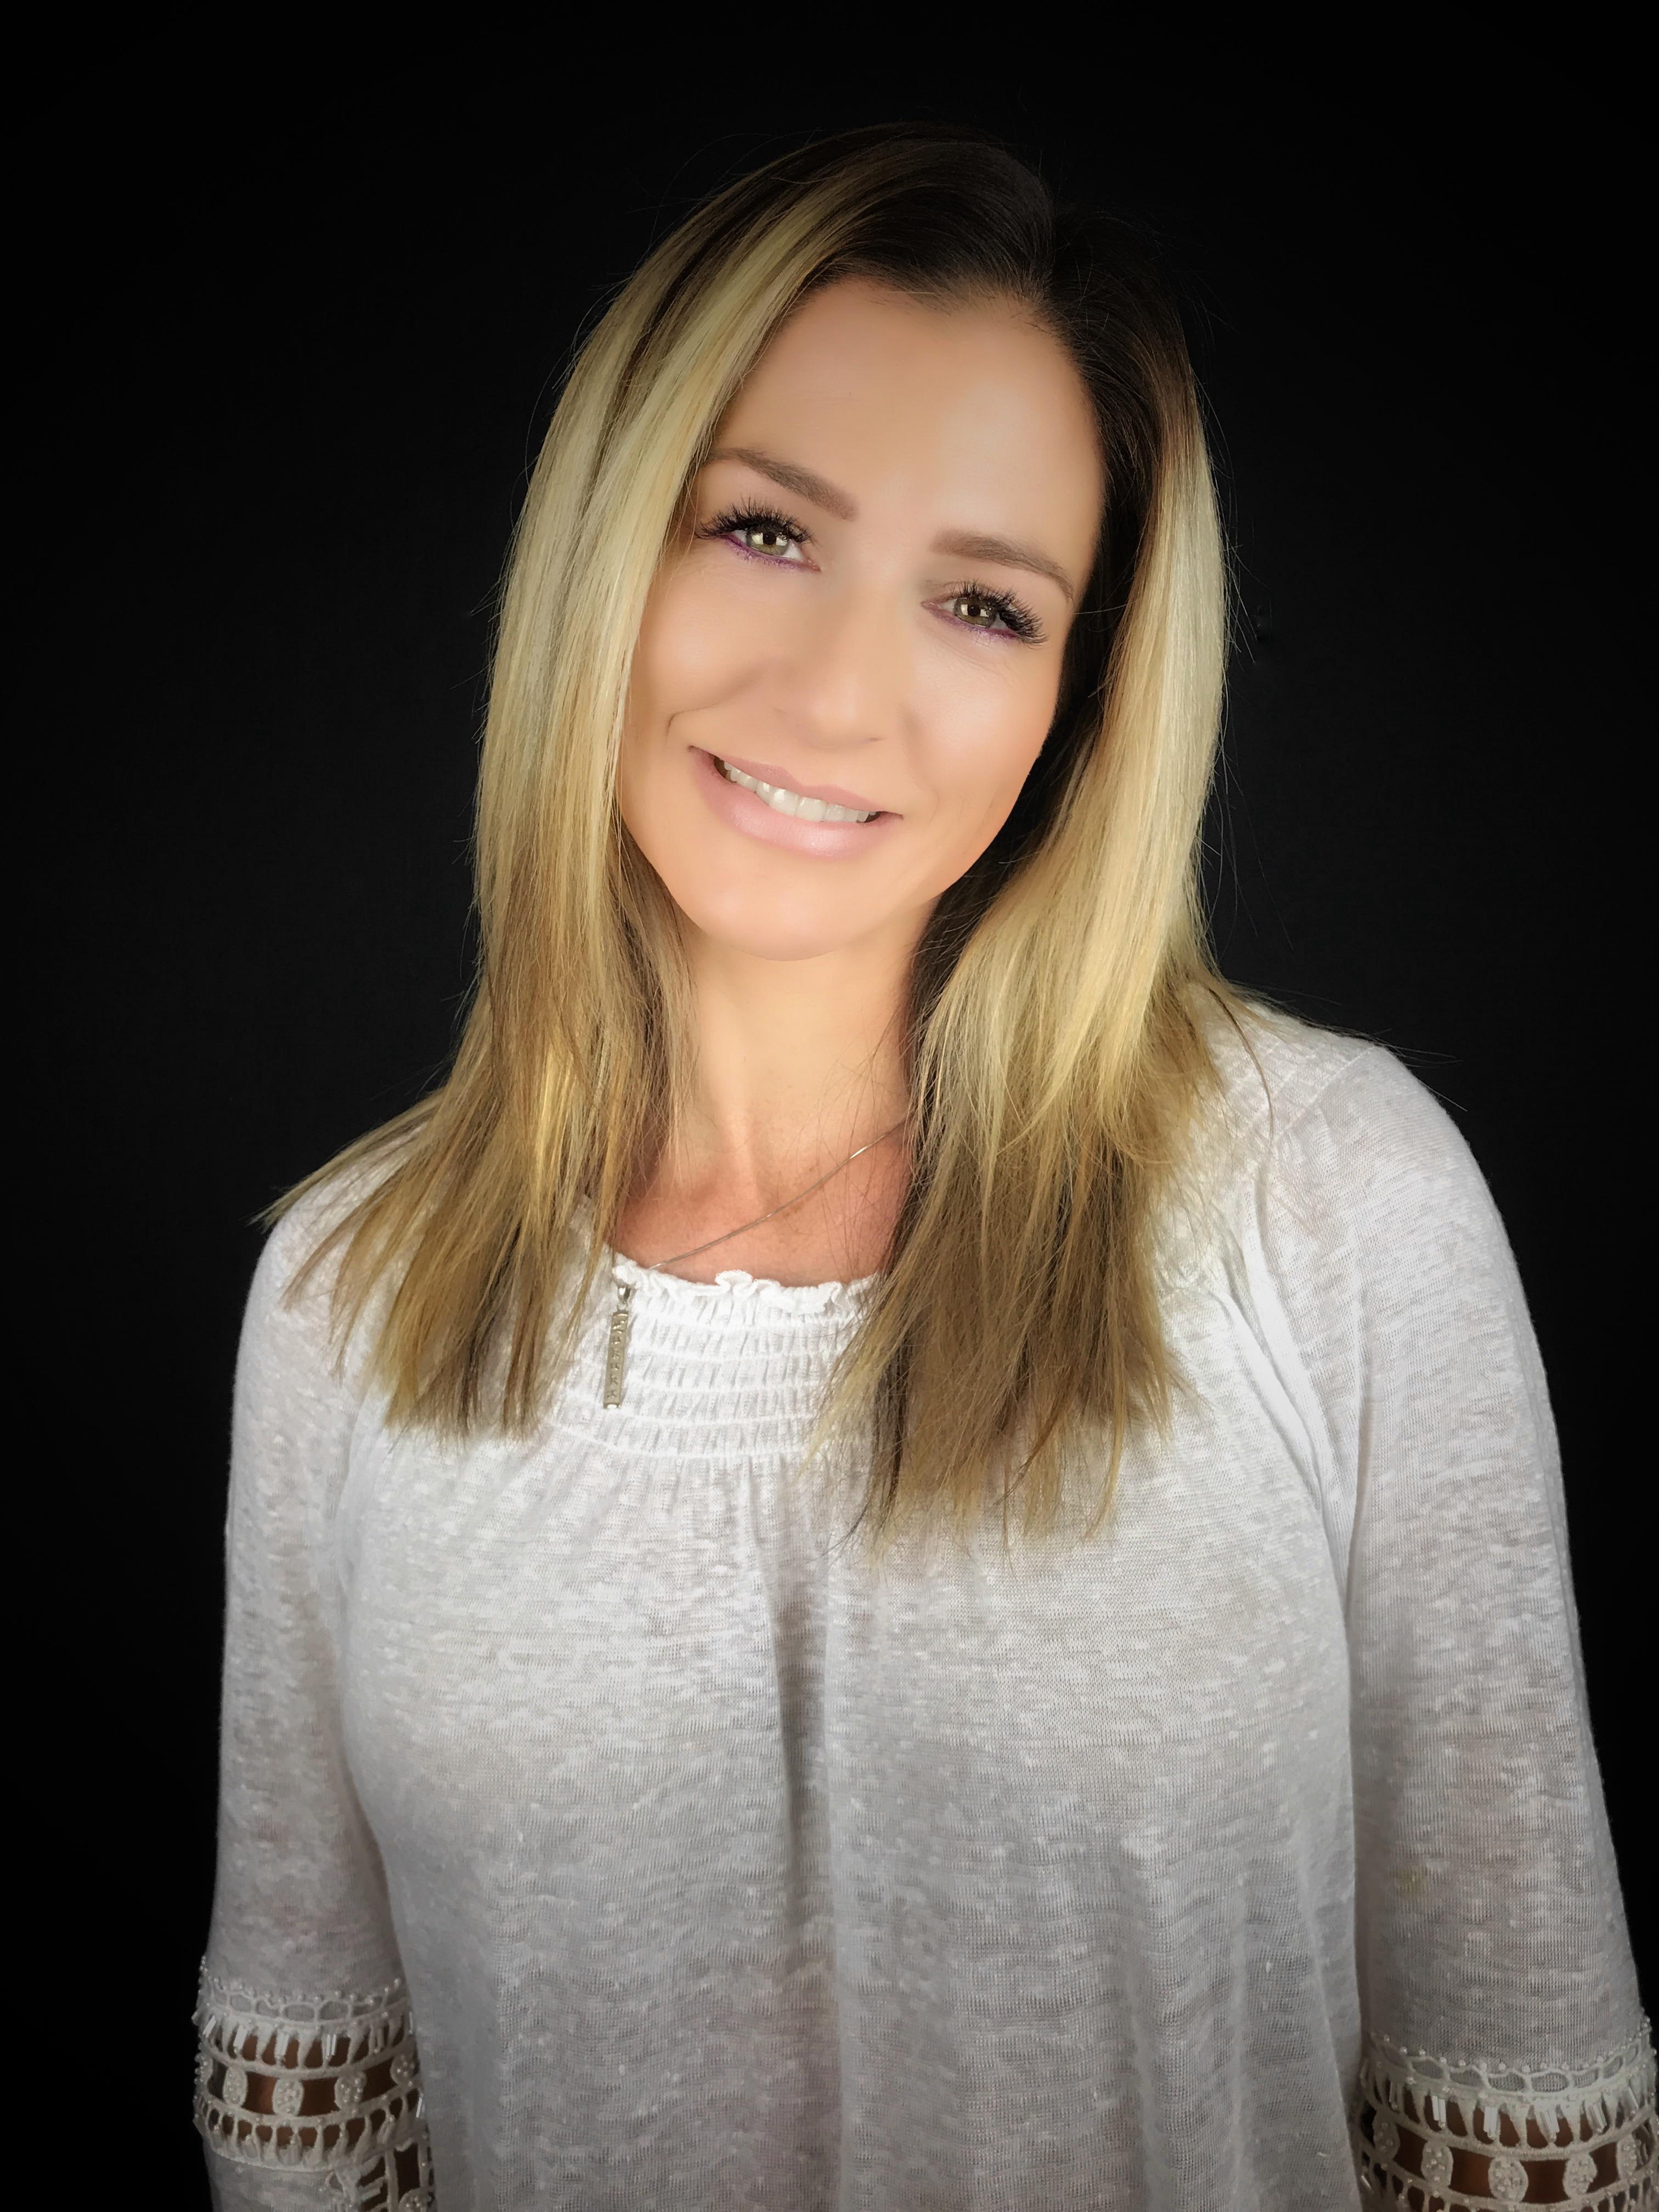 Stephanie Ambroselli